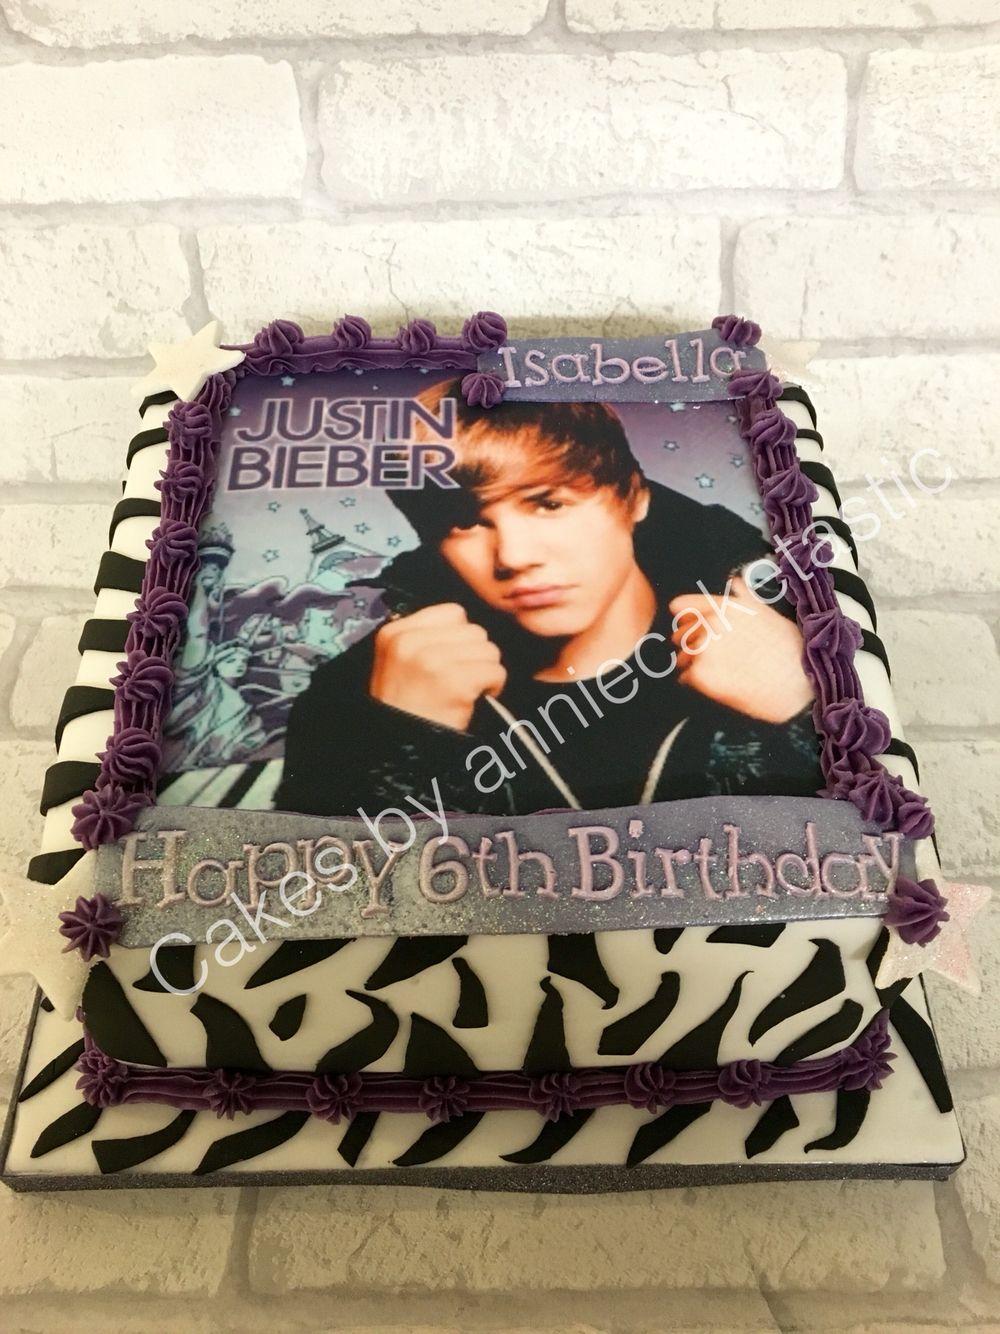 Justin bieber scrapbook ideas - Justin Bieber Birthday Cake